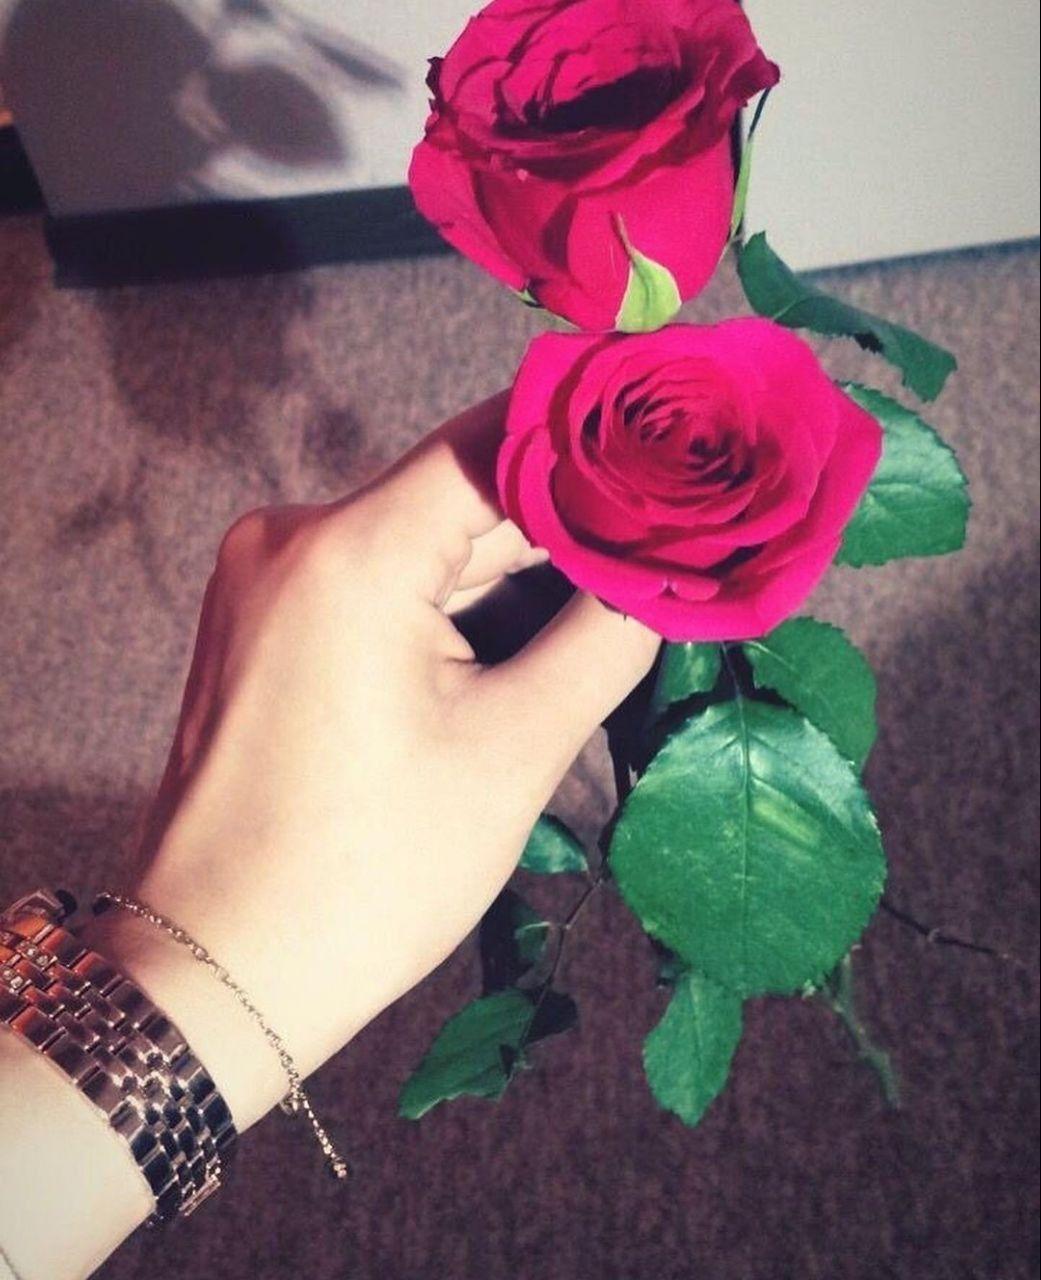 لم ت خلق الأحلام لتك ون مستحيلة Beauty Iphone Wallpaper Aesthetic Roses Rose Tumblr